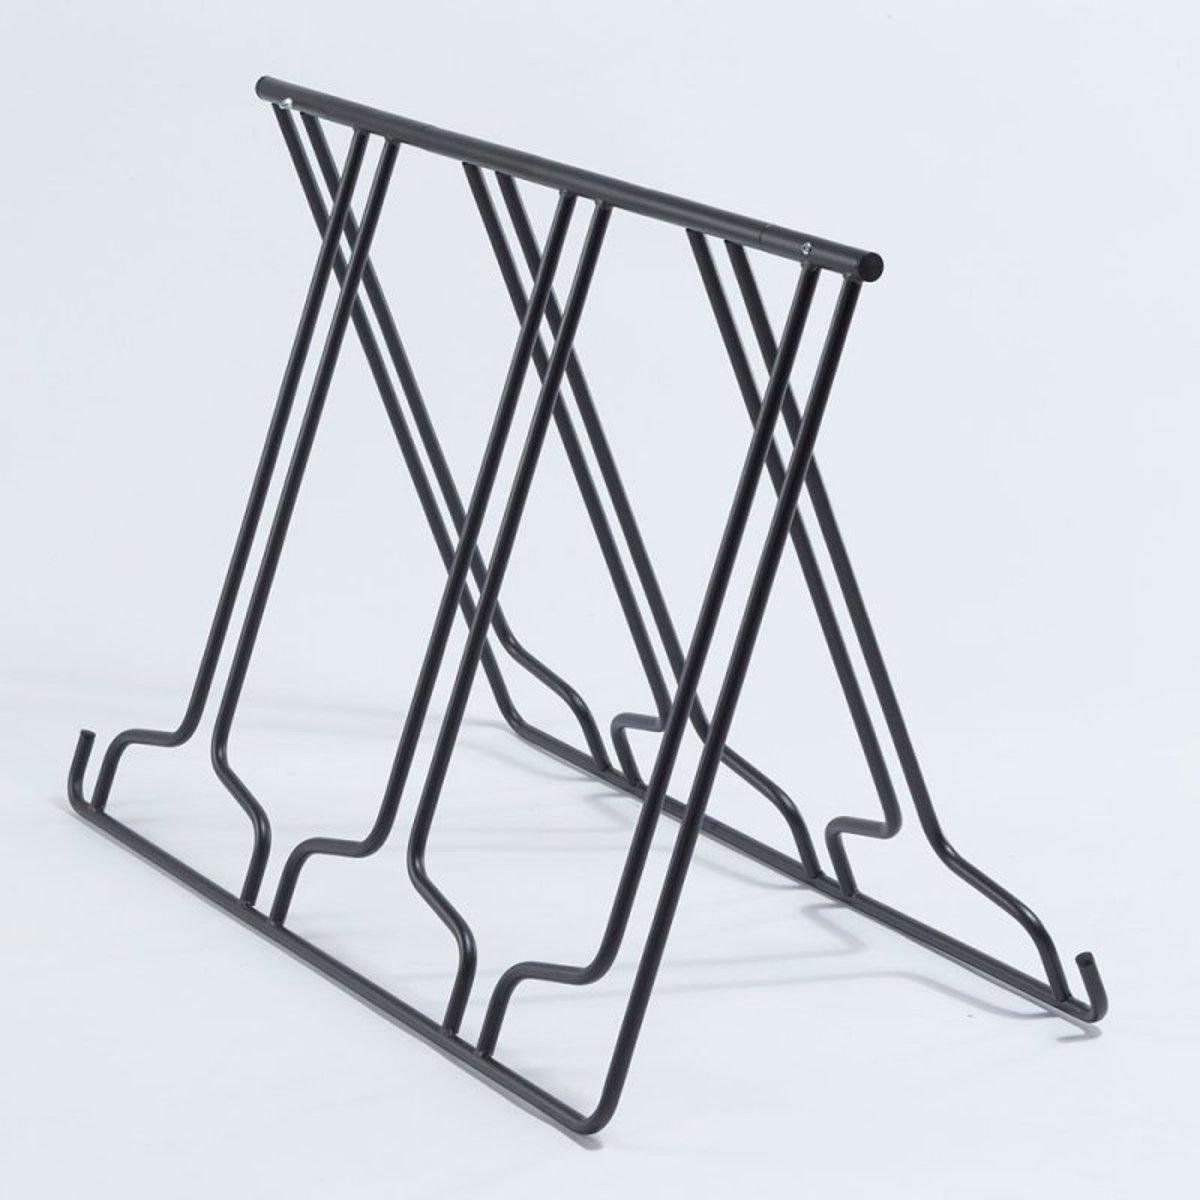 Stojan na kola MOTTEZ - pro 6 kol - skládací, přenosný, tvar A